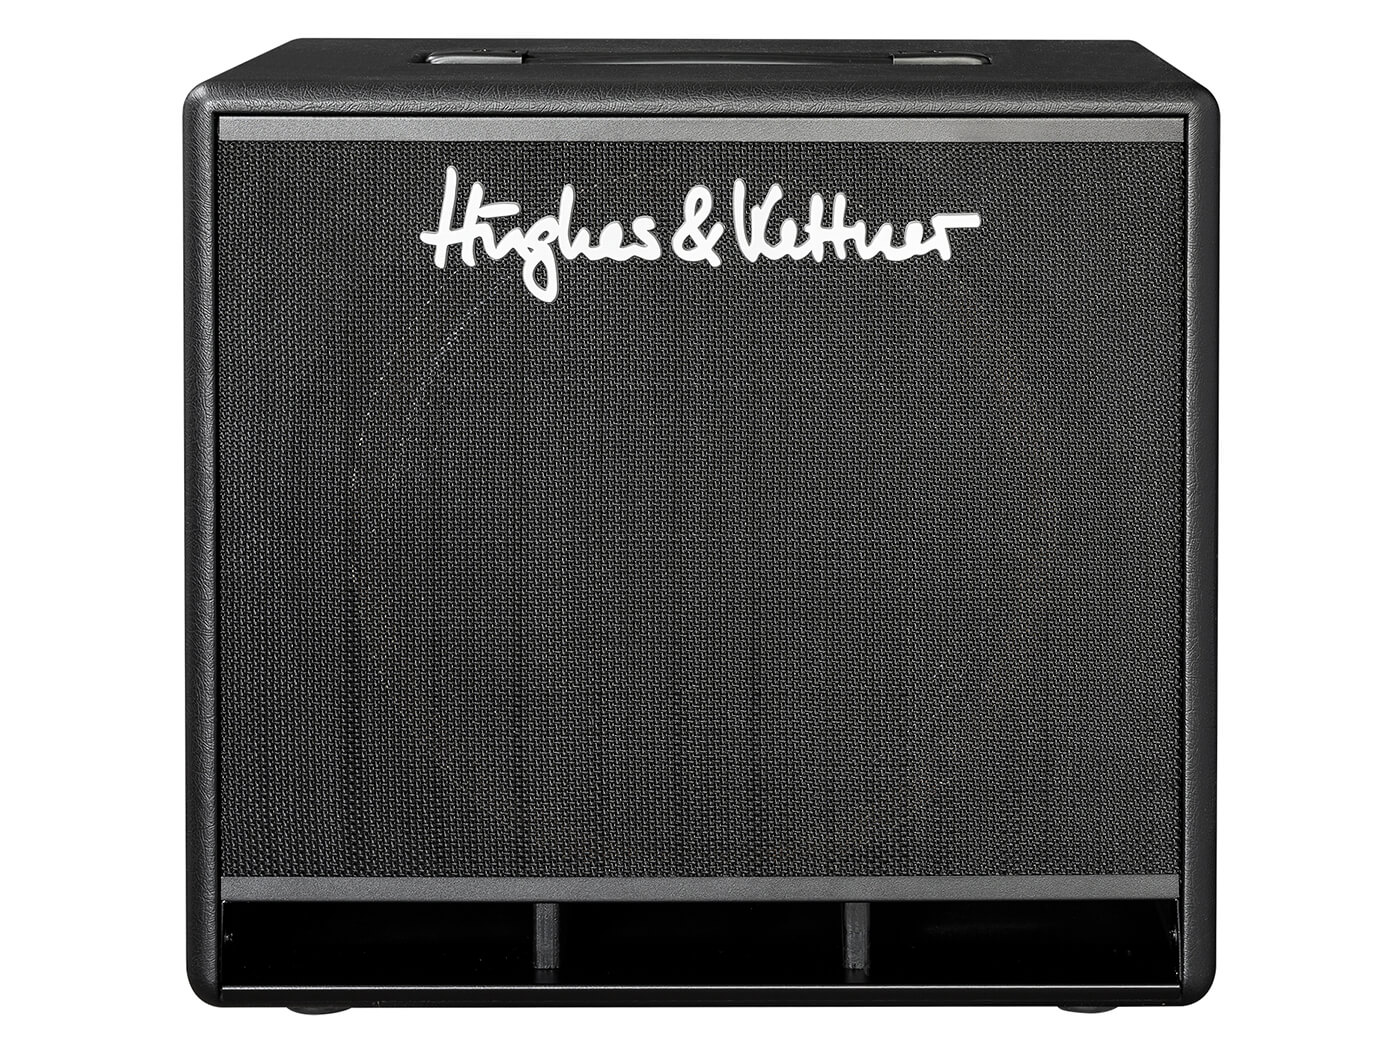 Hughes & Kettner TS 112 Pro cab